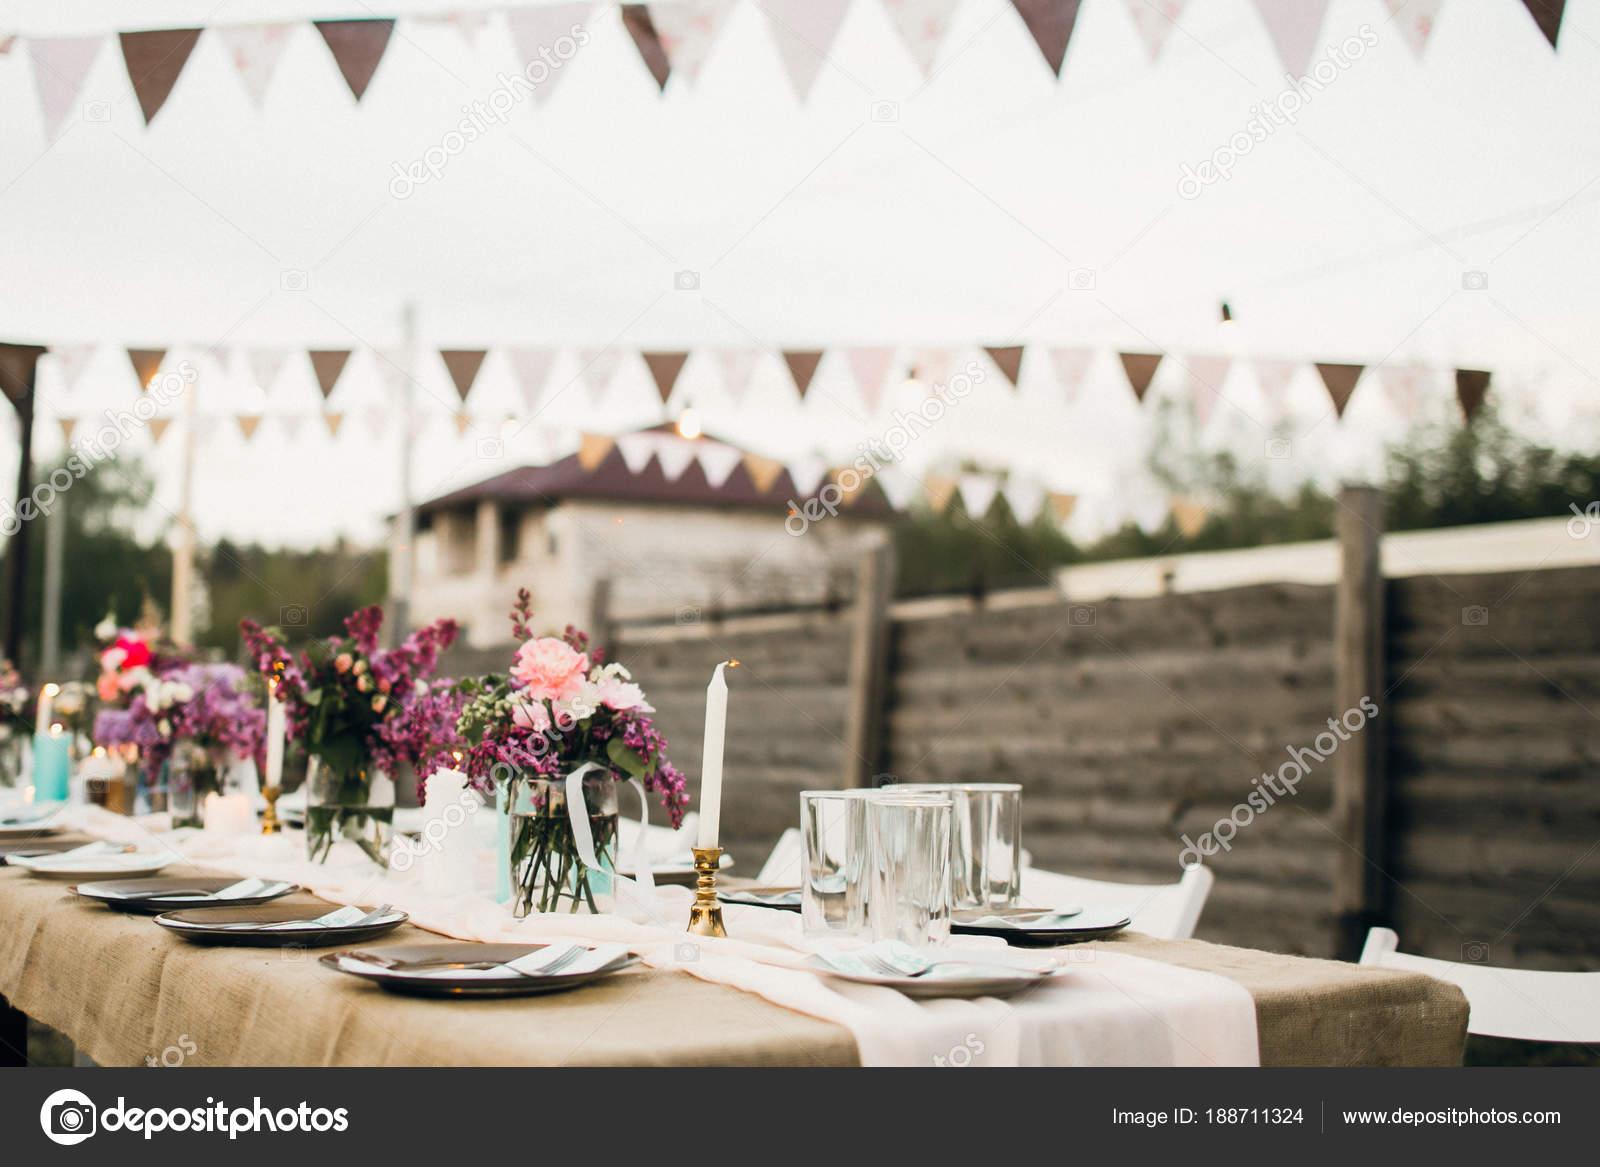 Hochzeitsfeier Schone Tisch Dekoration Stockfoto C Shunevich